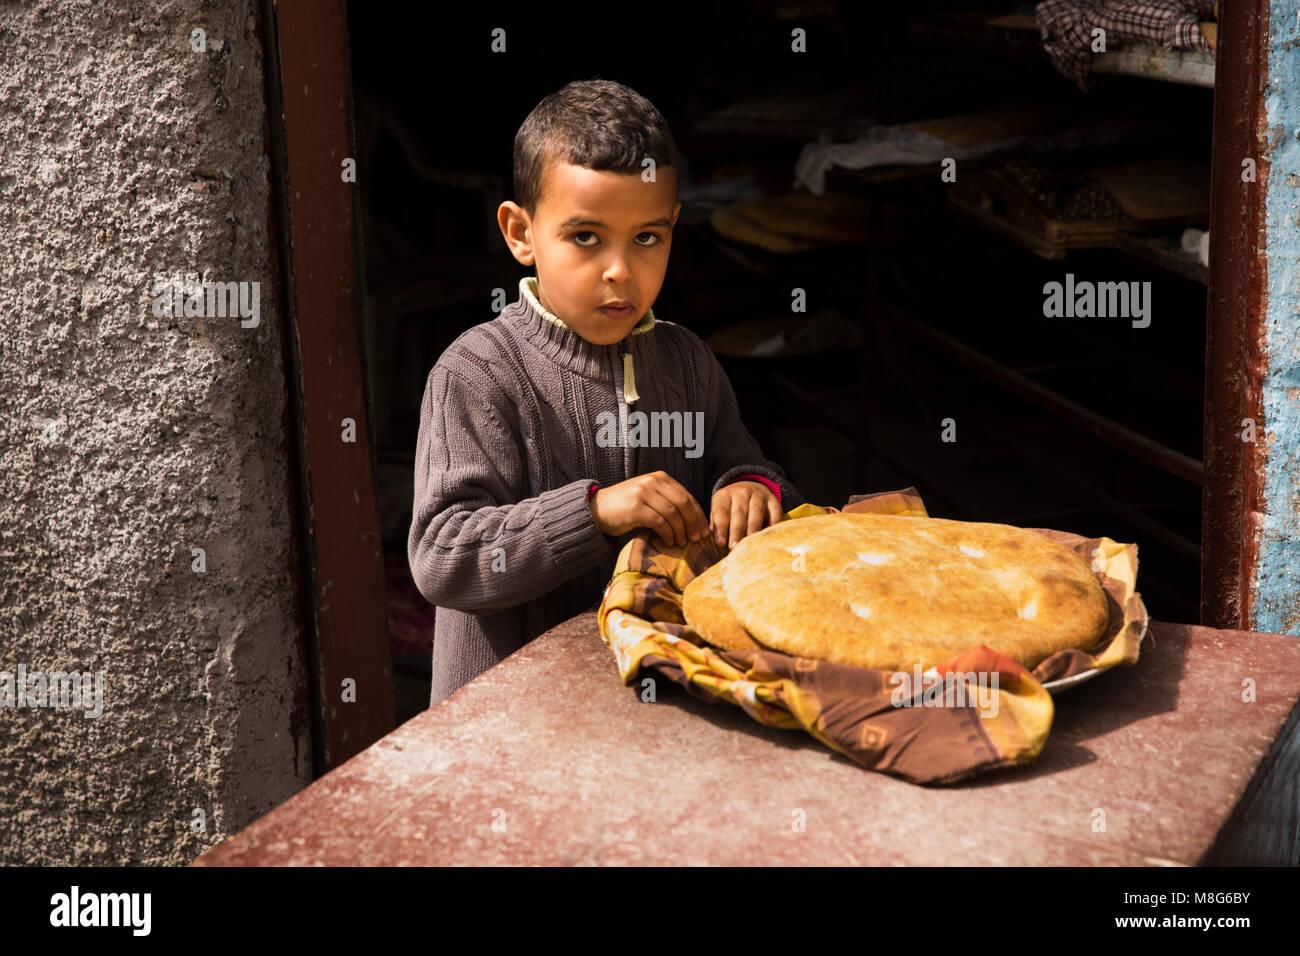 Il Marocco, Casablanca, Medina, Rue Tnaker, ragazzo di mangiare pane appena sfornato pagnotta di pane Immagini Stock